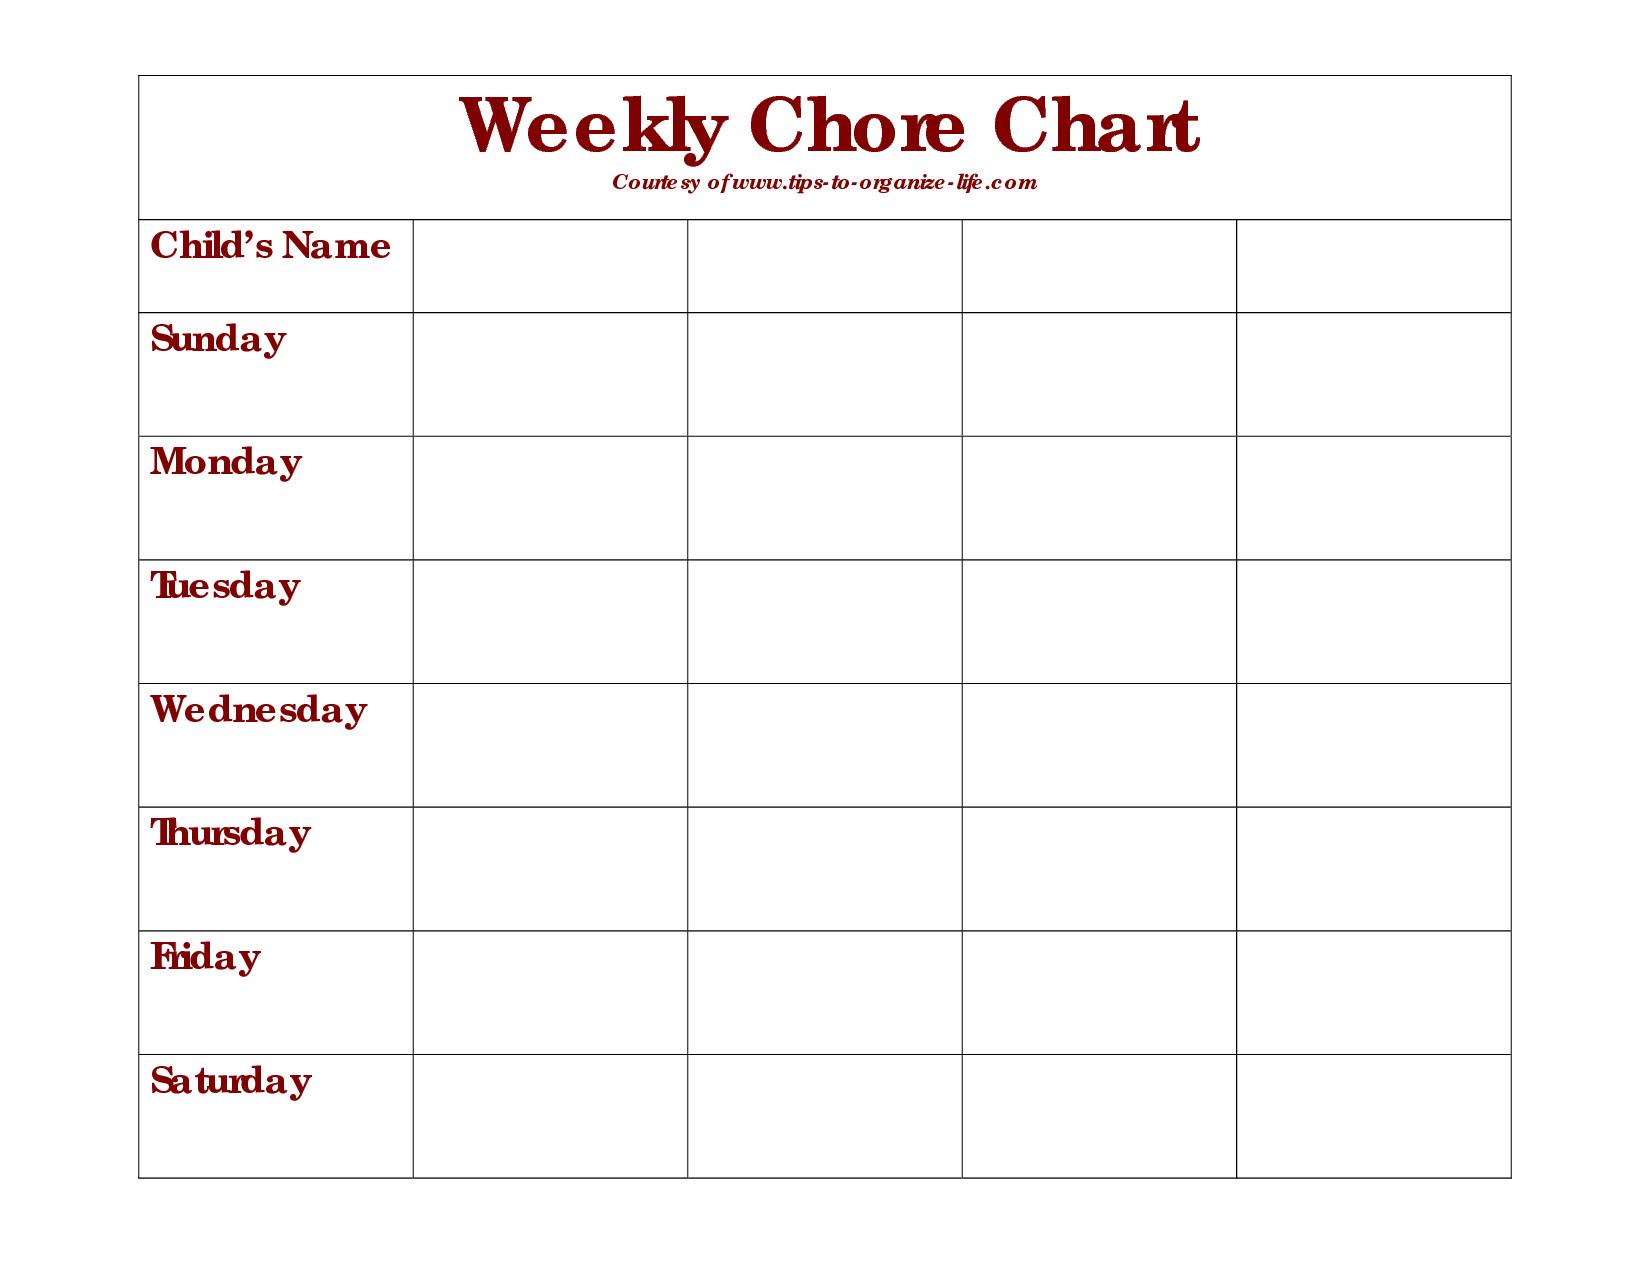 Weekly Chore Chart Templates Weekly Chore Chart